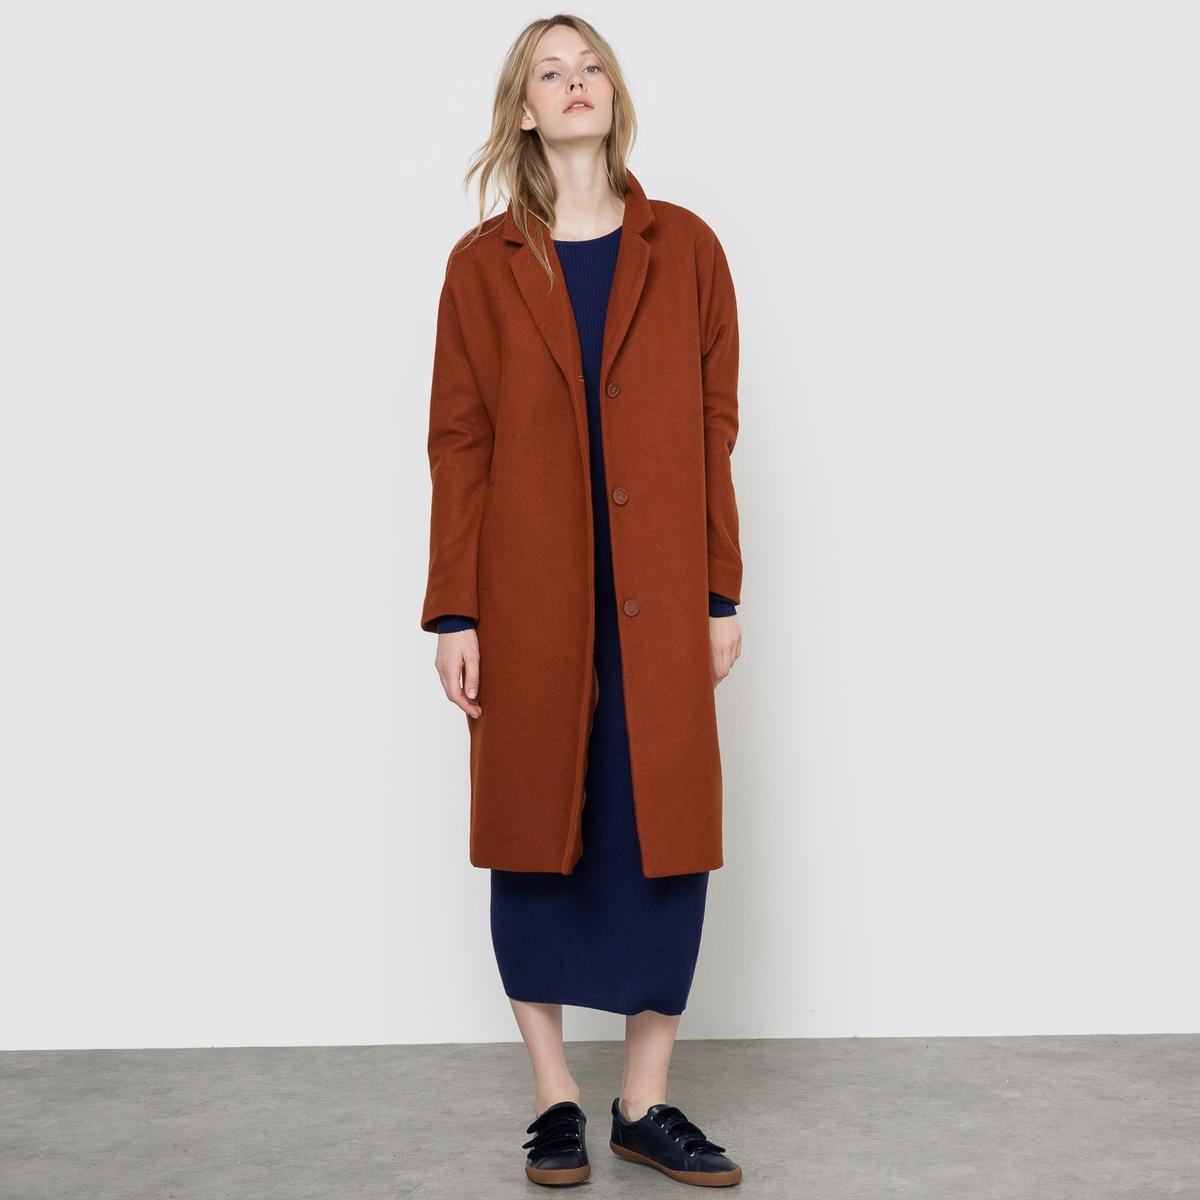 Пальто покроя оверсайз пальто покроя оверсайз 48 % шерсти с начесом